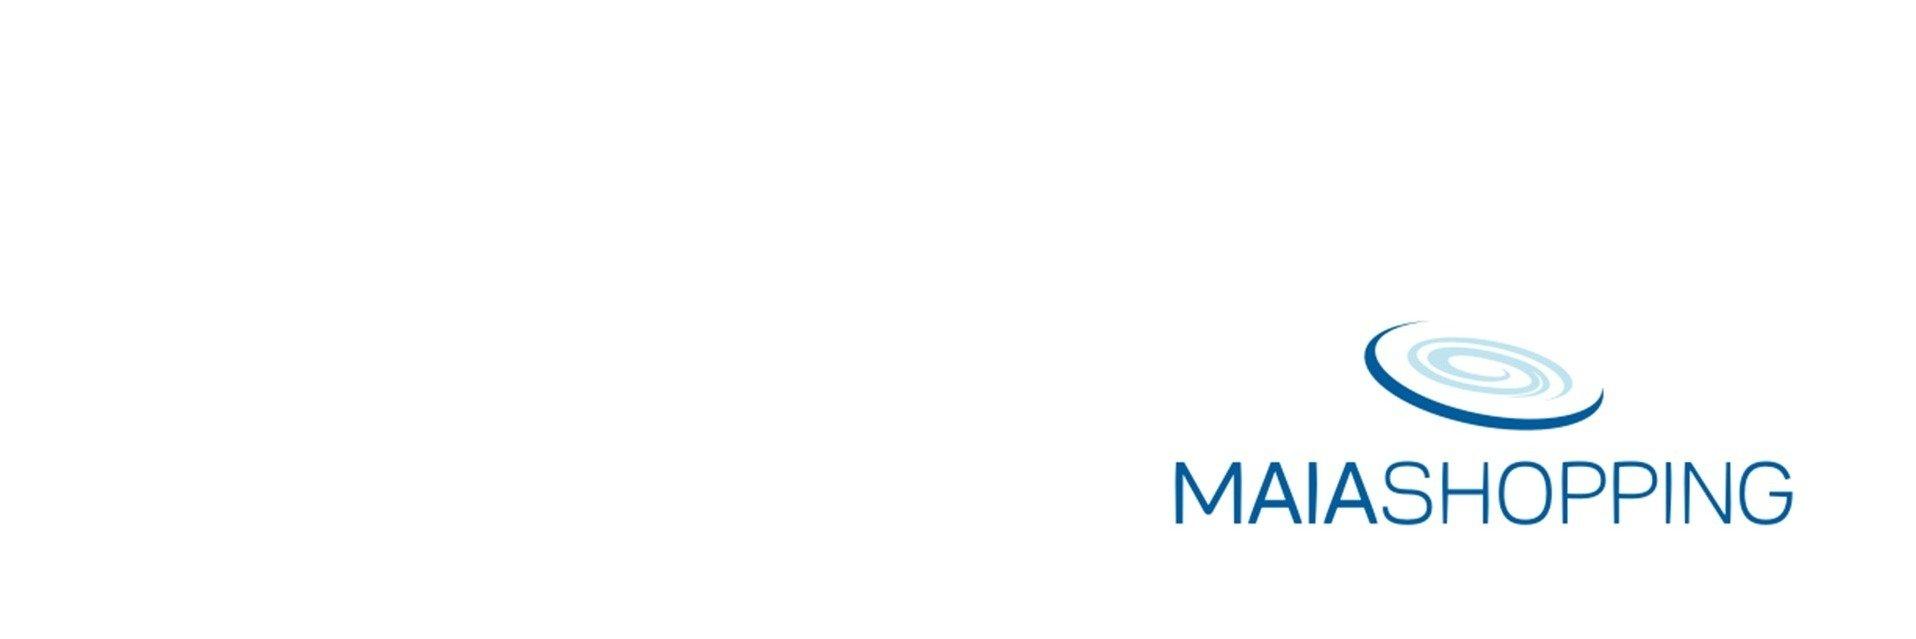 MaiaShopping mantém-se aberto, com atividades essenciais em funcionamento